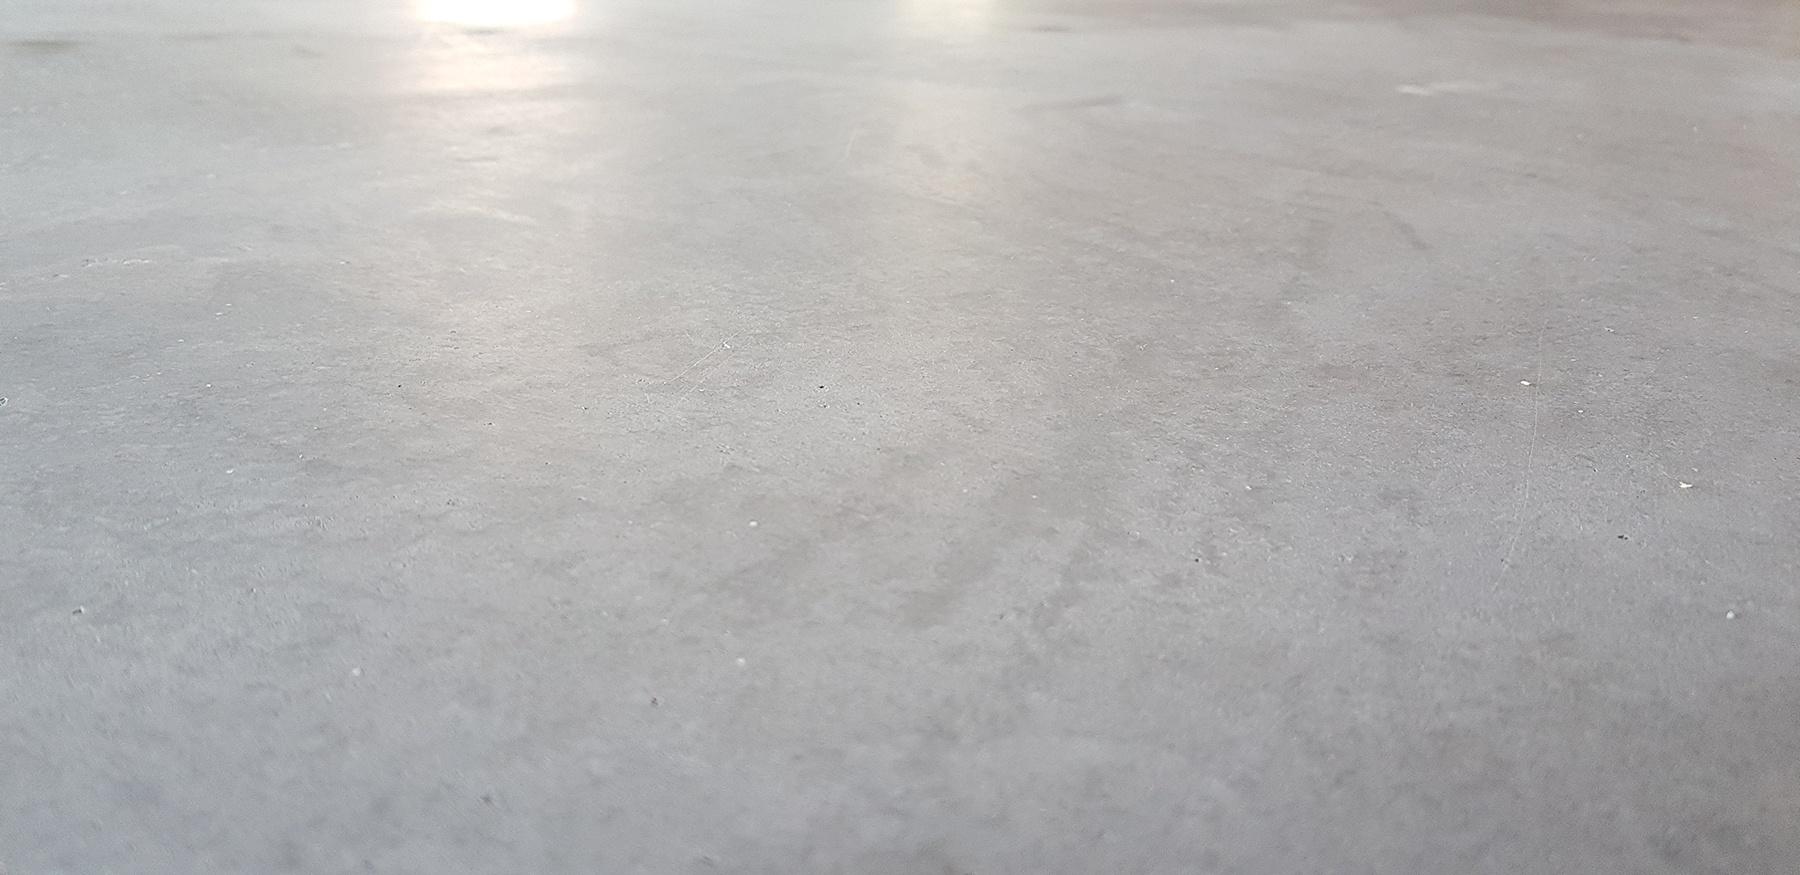 Kaikki-vaiheet-kuivasirotelattia-mikrosementtilattia-betonilattia-valmistamiseen